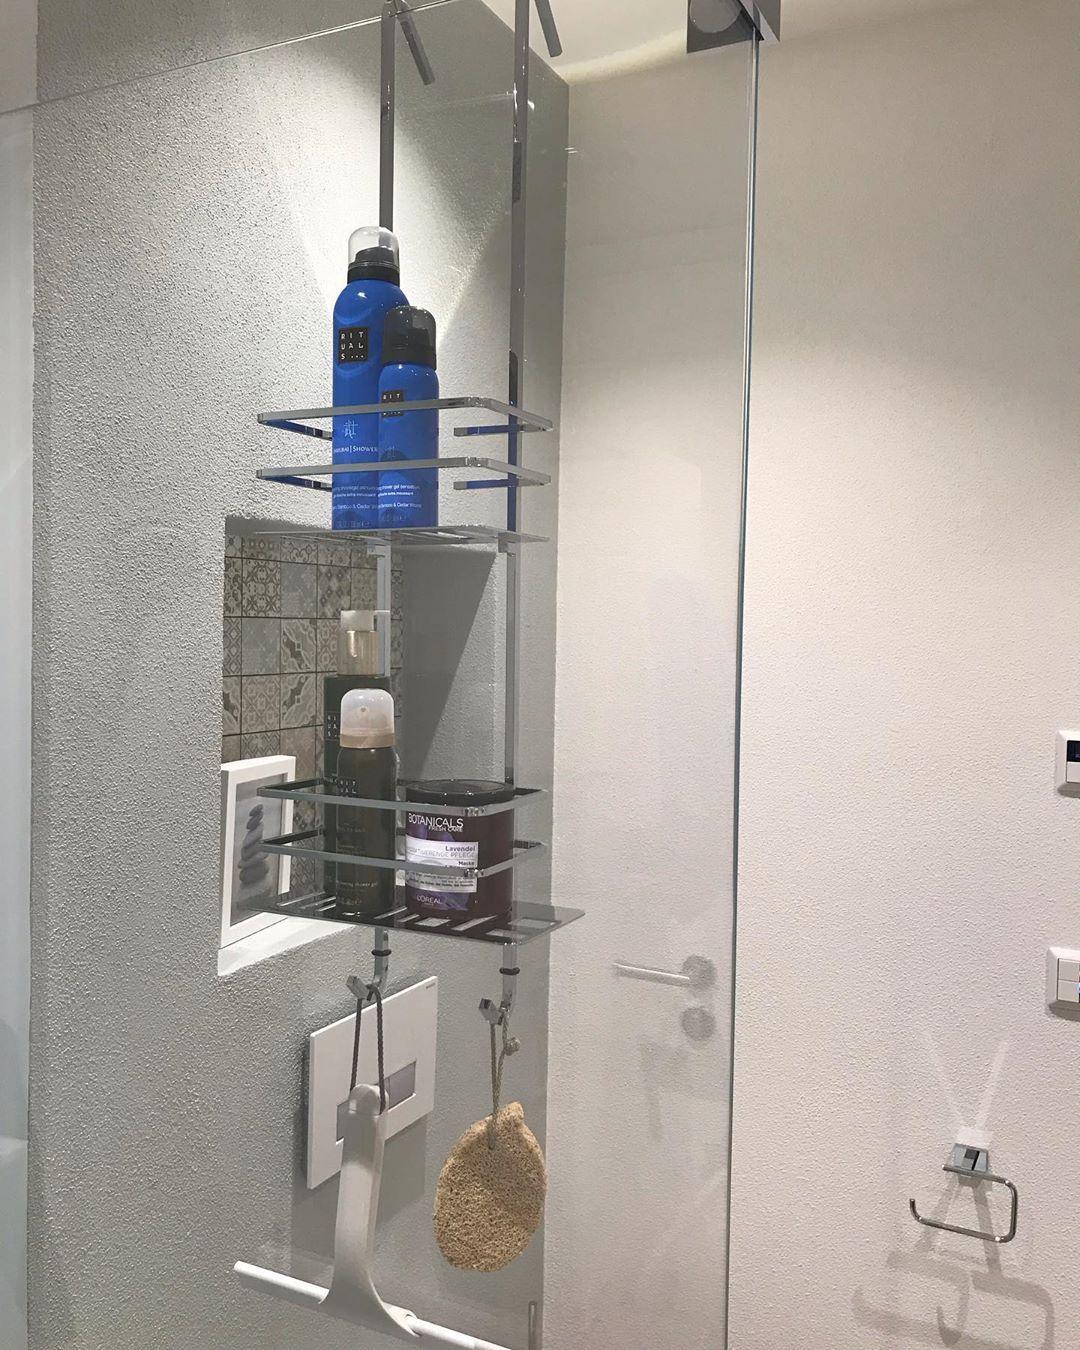 Eine Edle Und Durchdachte Erganzung Unserer Glasduschen Kann Z B Ein Duschkorb Sein Und Gefullt Mit Ritualscosmetics Produkten Steht D Lamp Decor Home Decor